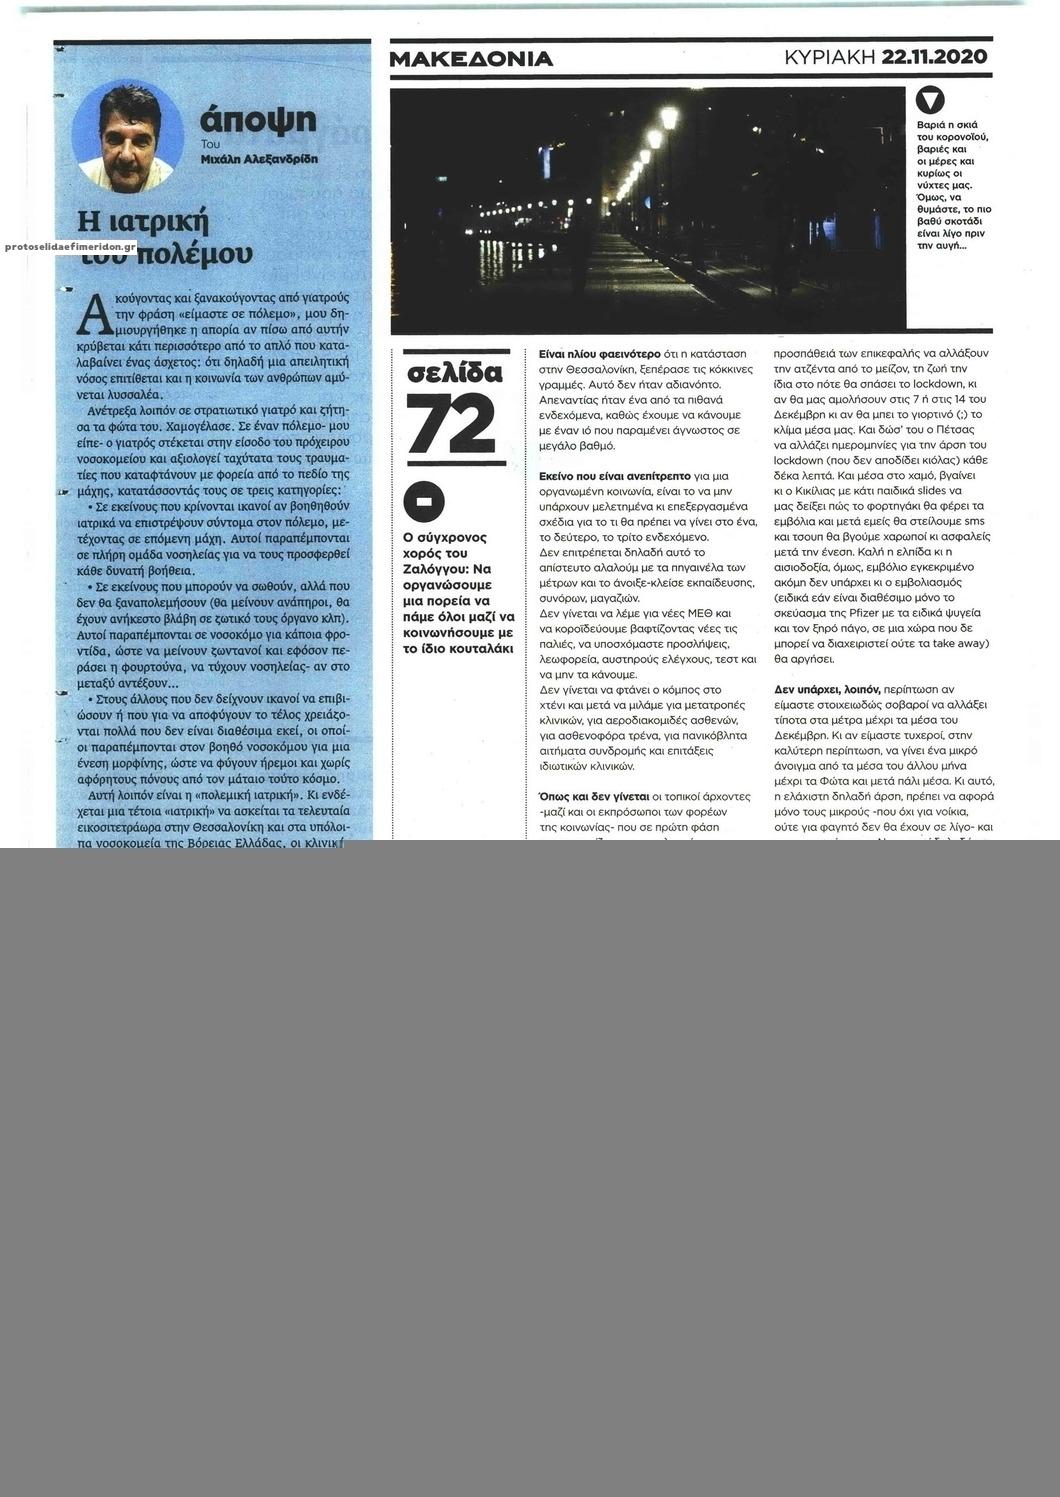 Οπισθόφυλλο εφημερίδας Μακεδονία